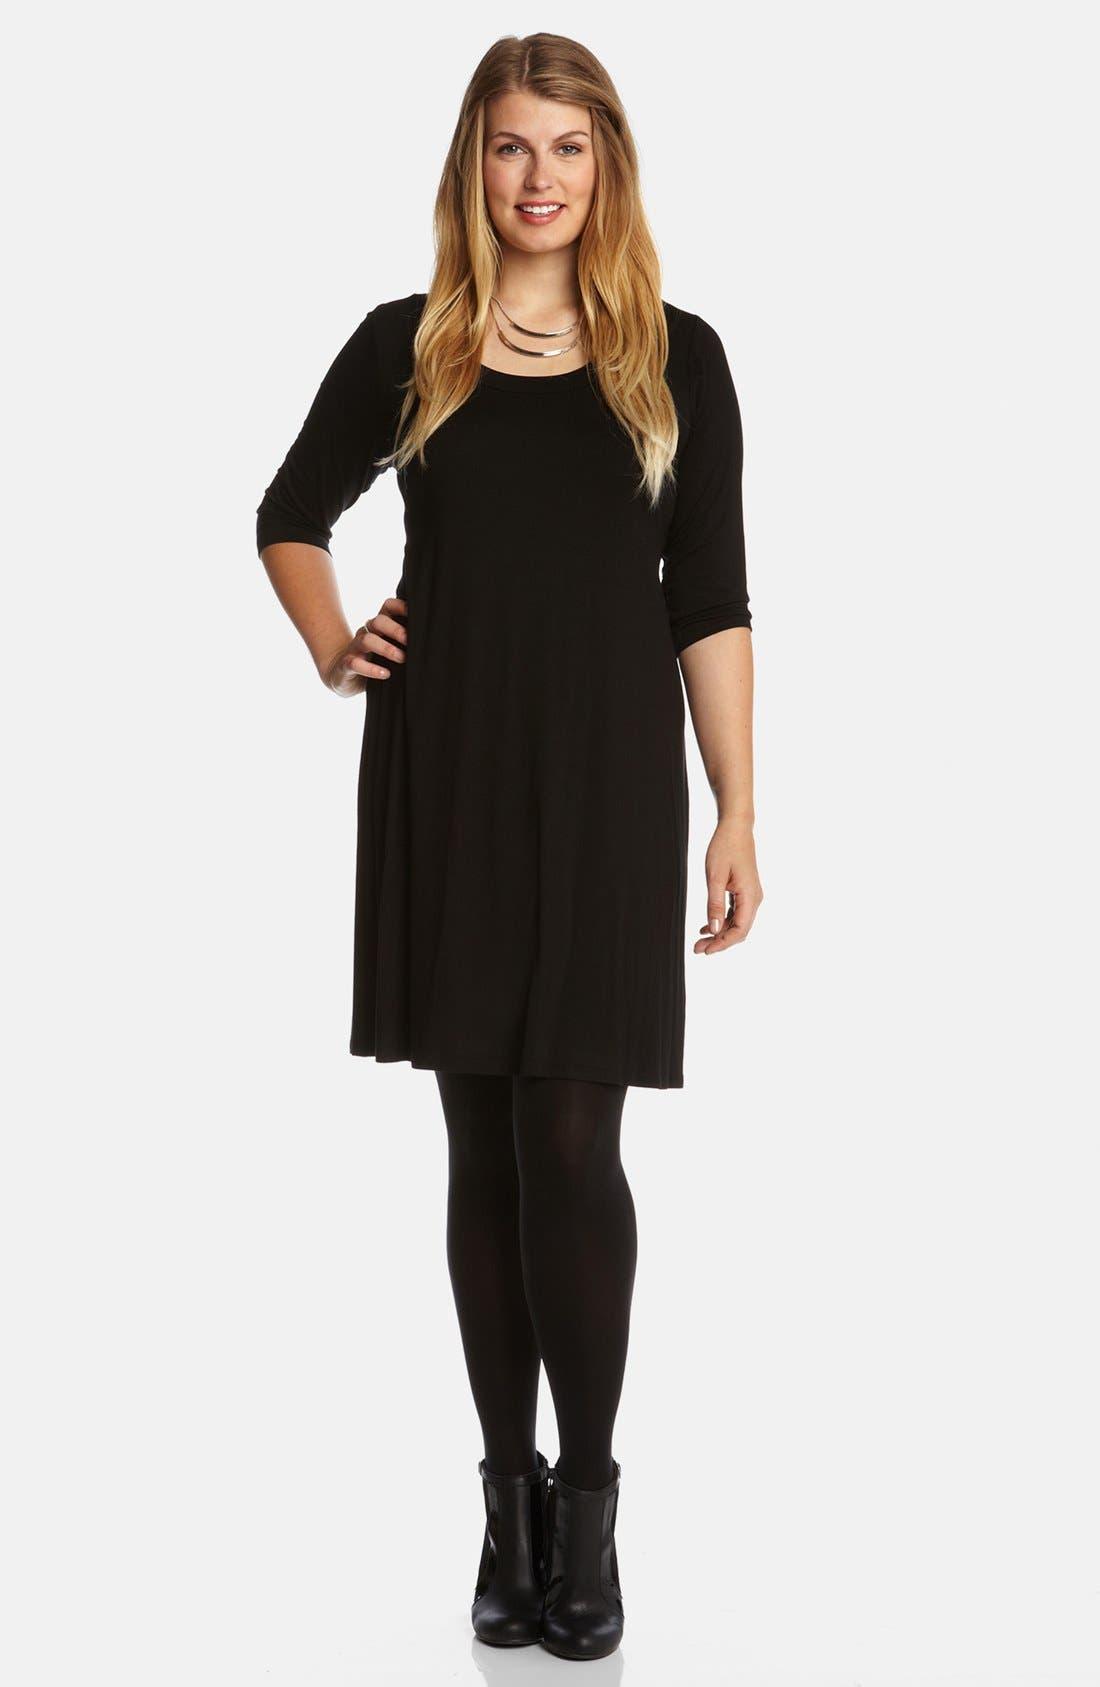 Plus Size Karen Kane Scoop Neck Jersey Dress, Black